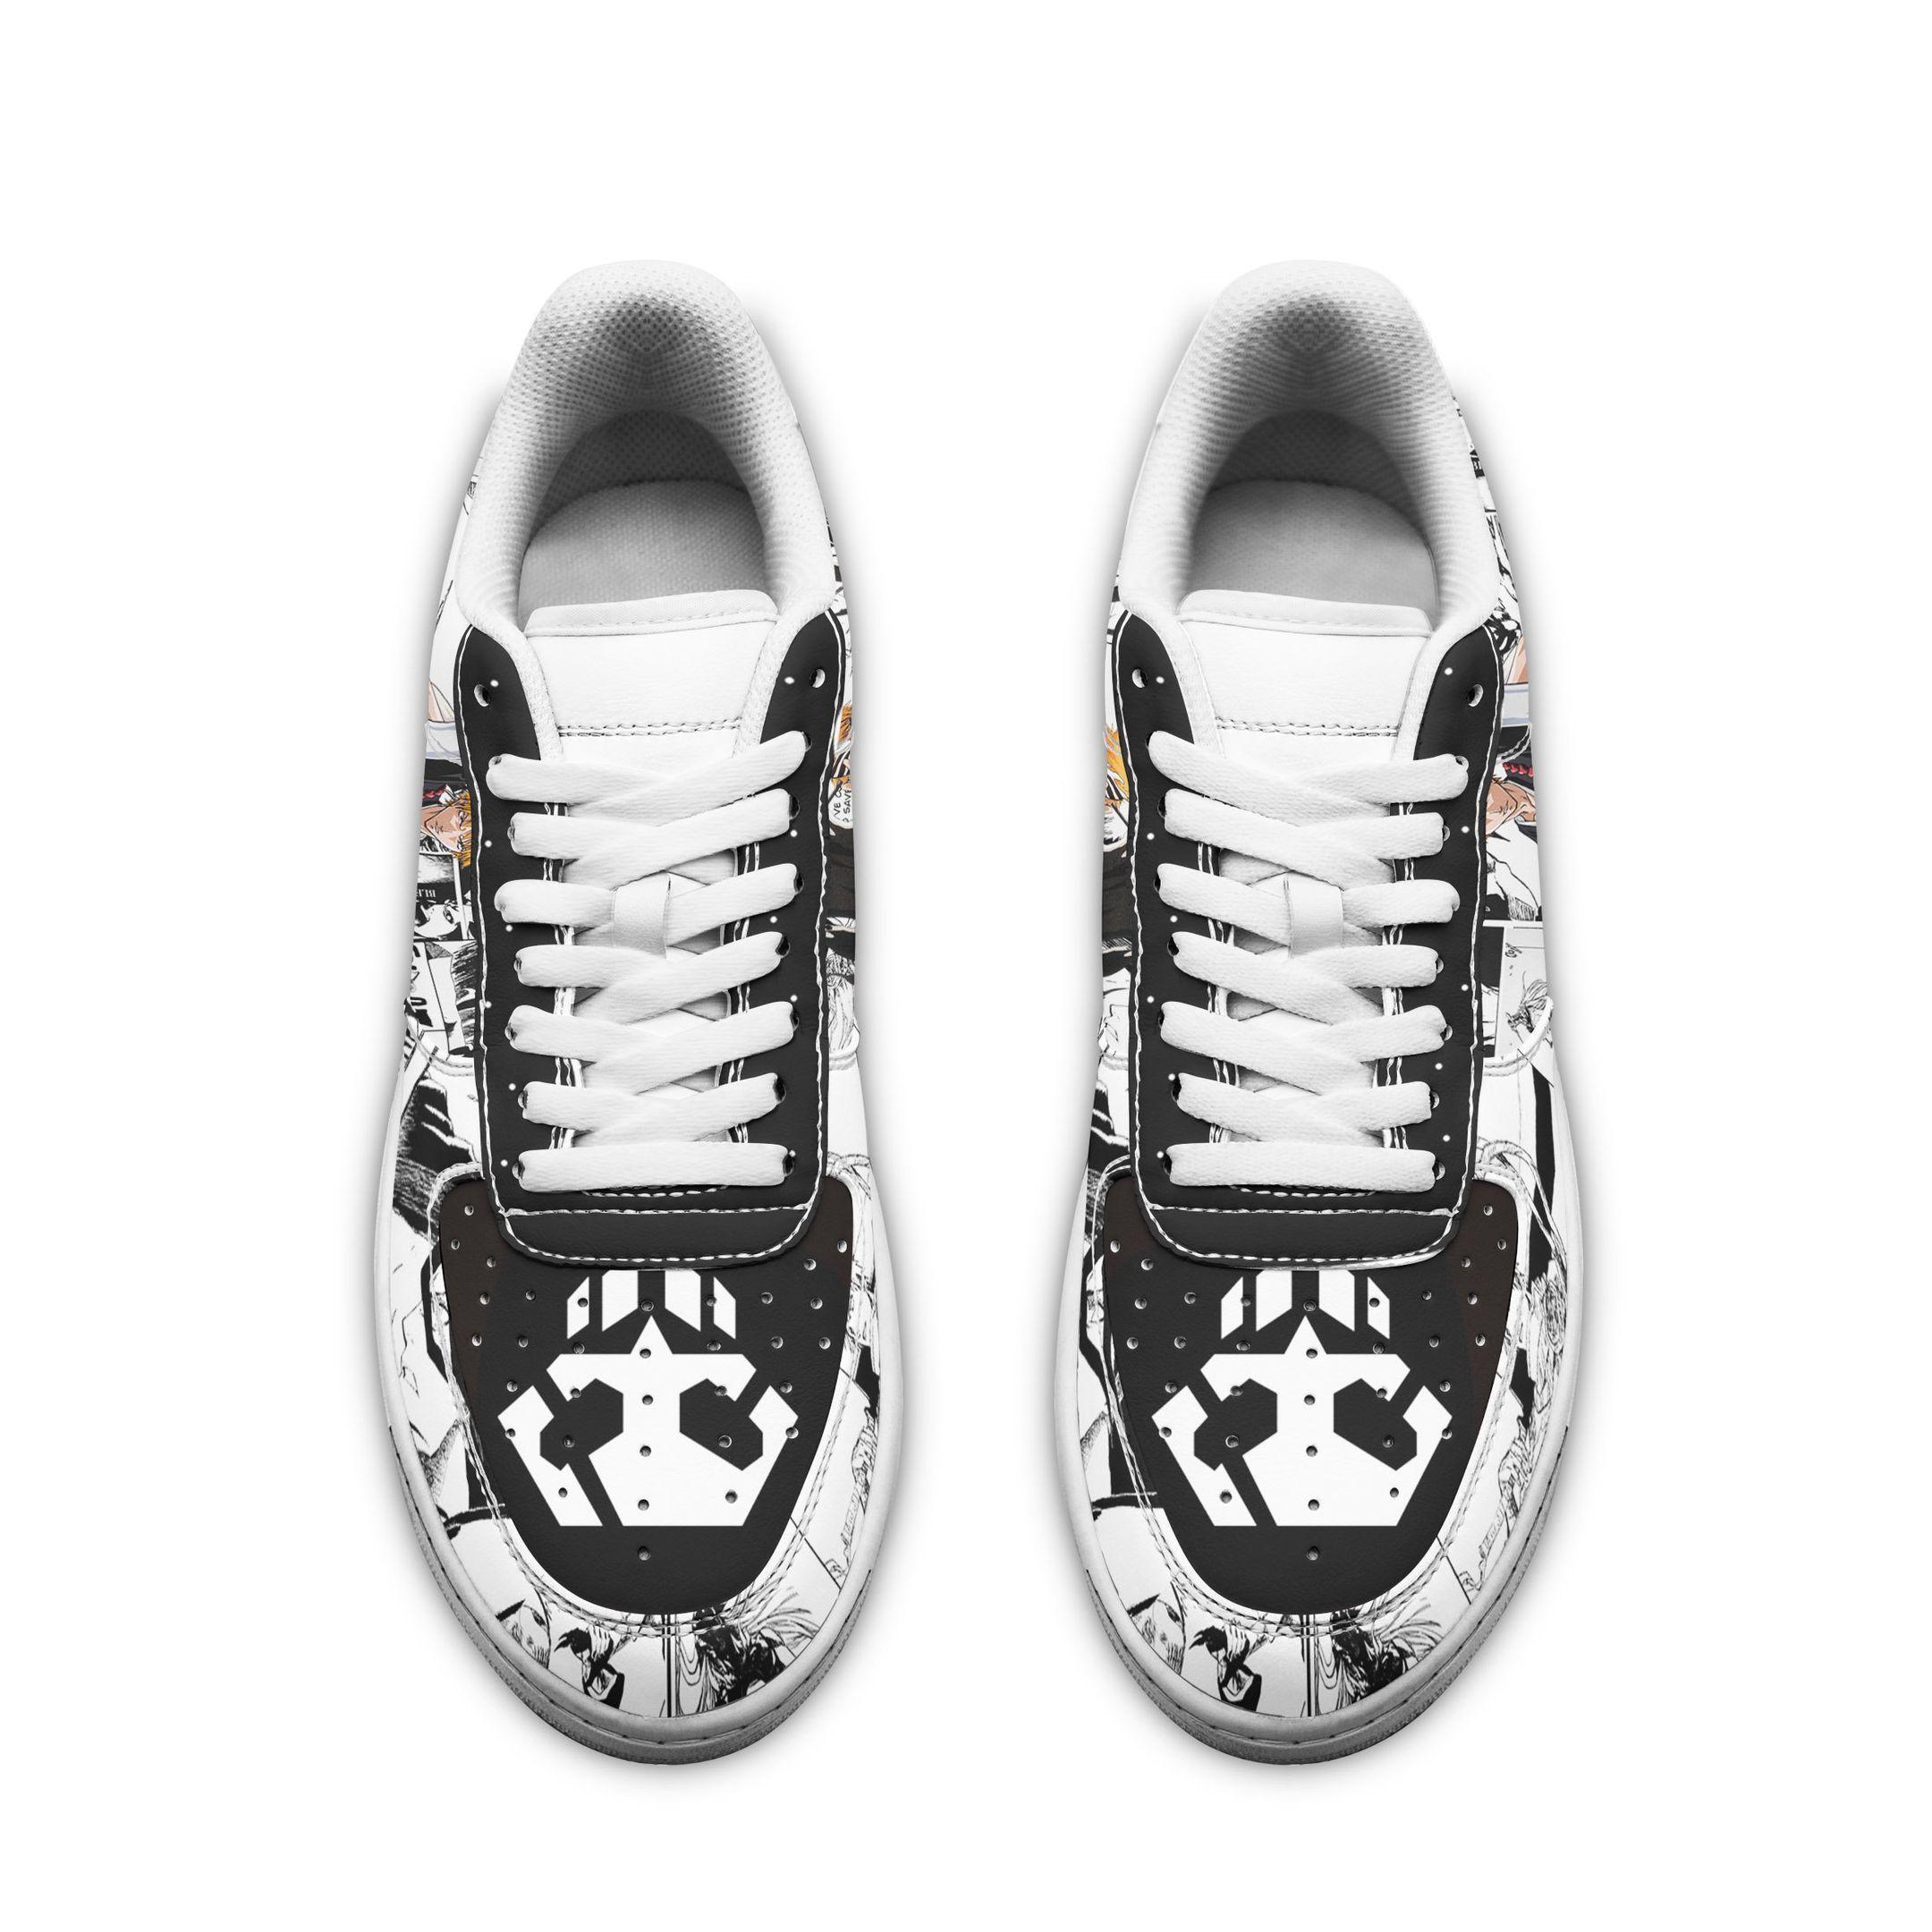 Bleach Ichigo Air Shoes Bleach Anime Shoes Fan Gift Idea GO1012